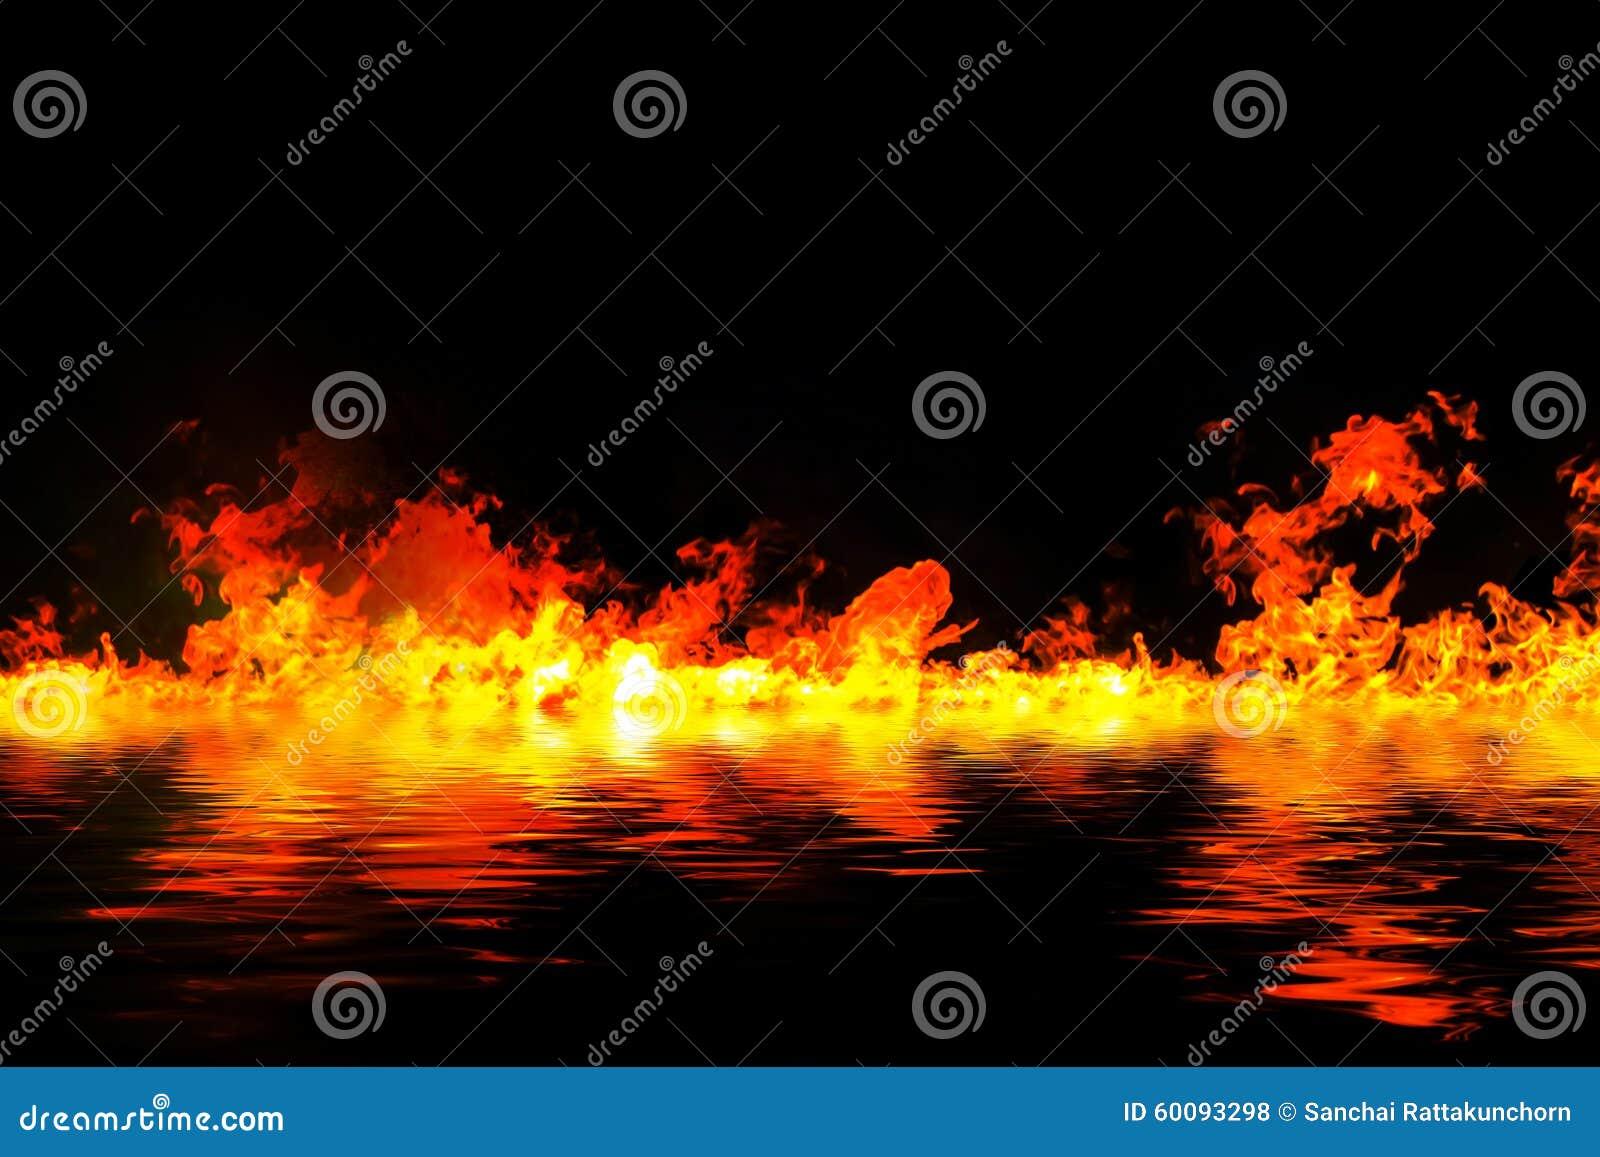 Llamas impresionantes del fuego con la reflexión del agua